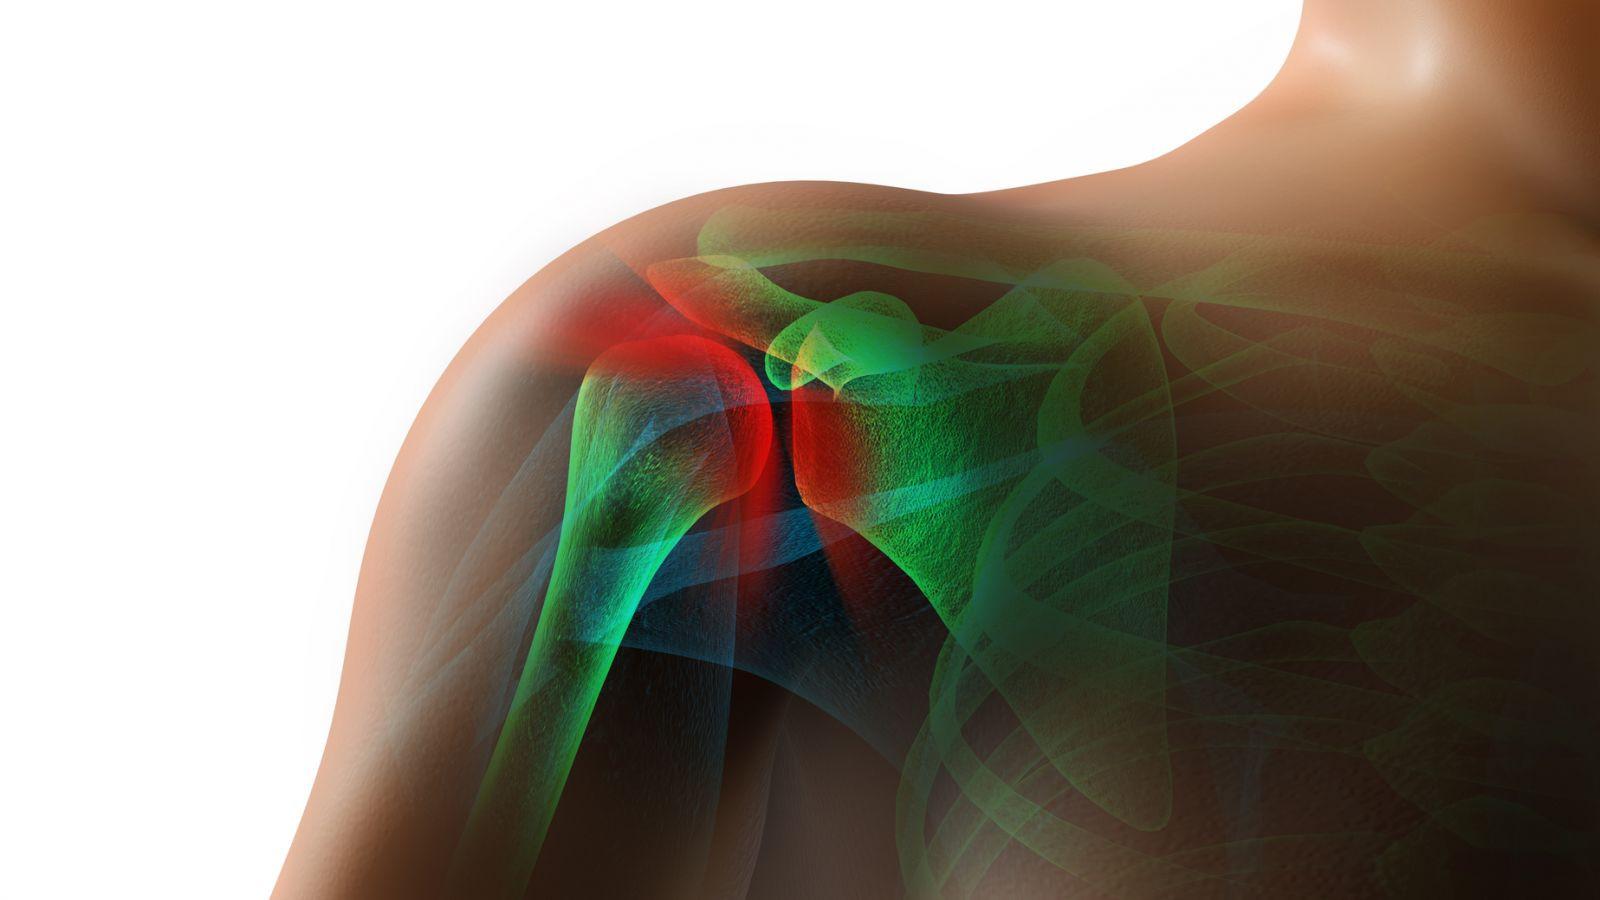 frozen-shoulder-joint-pain-jqbaker-iStoc